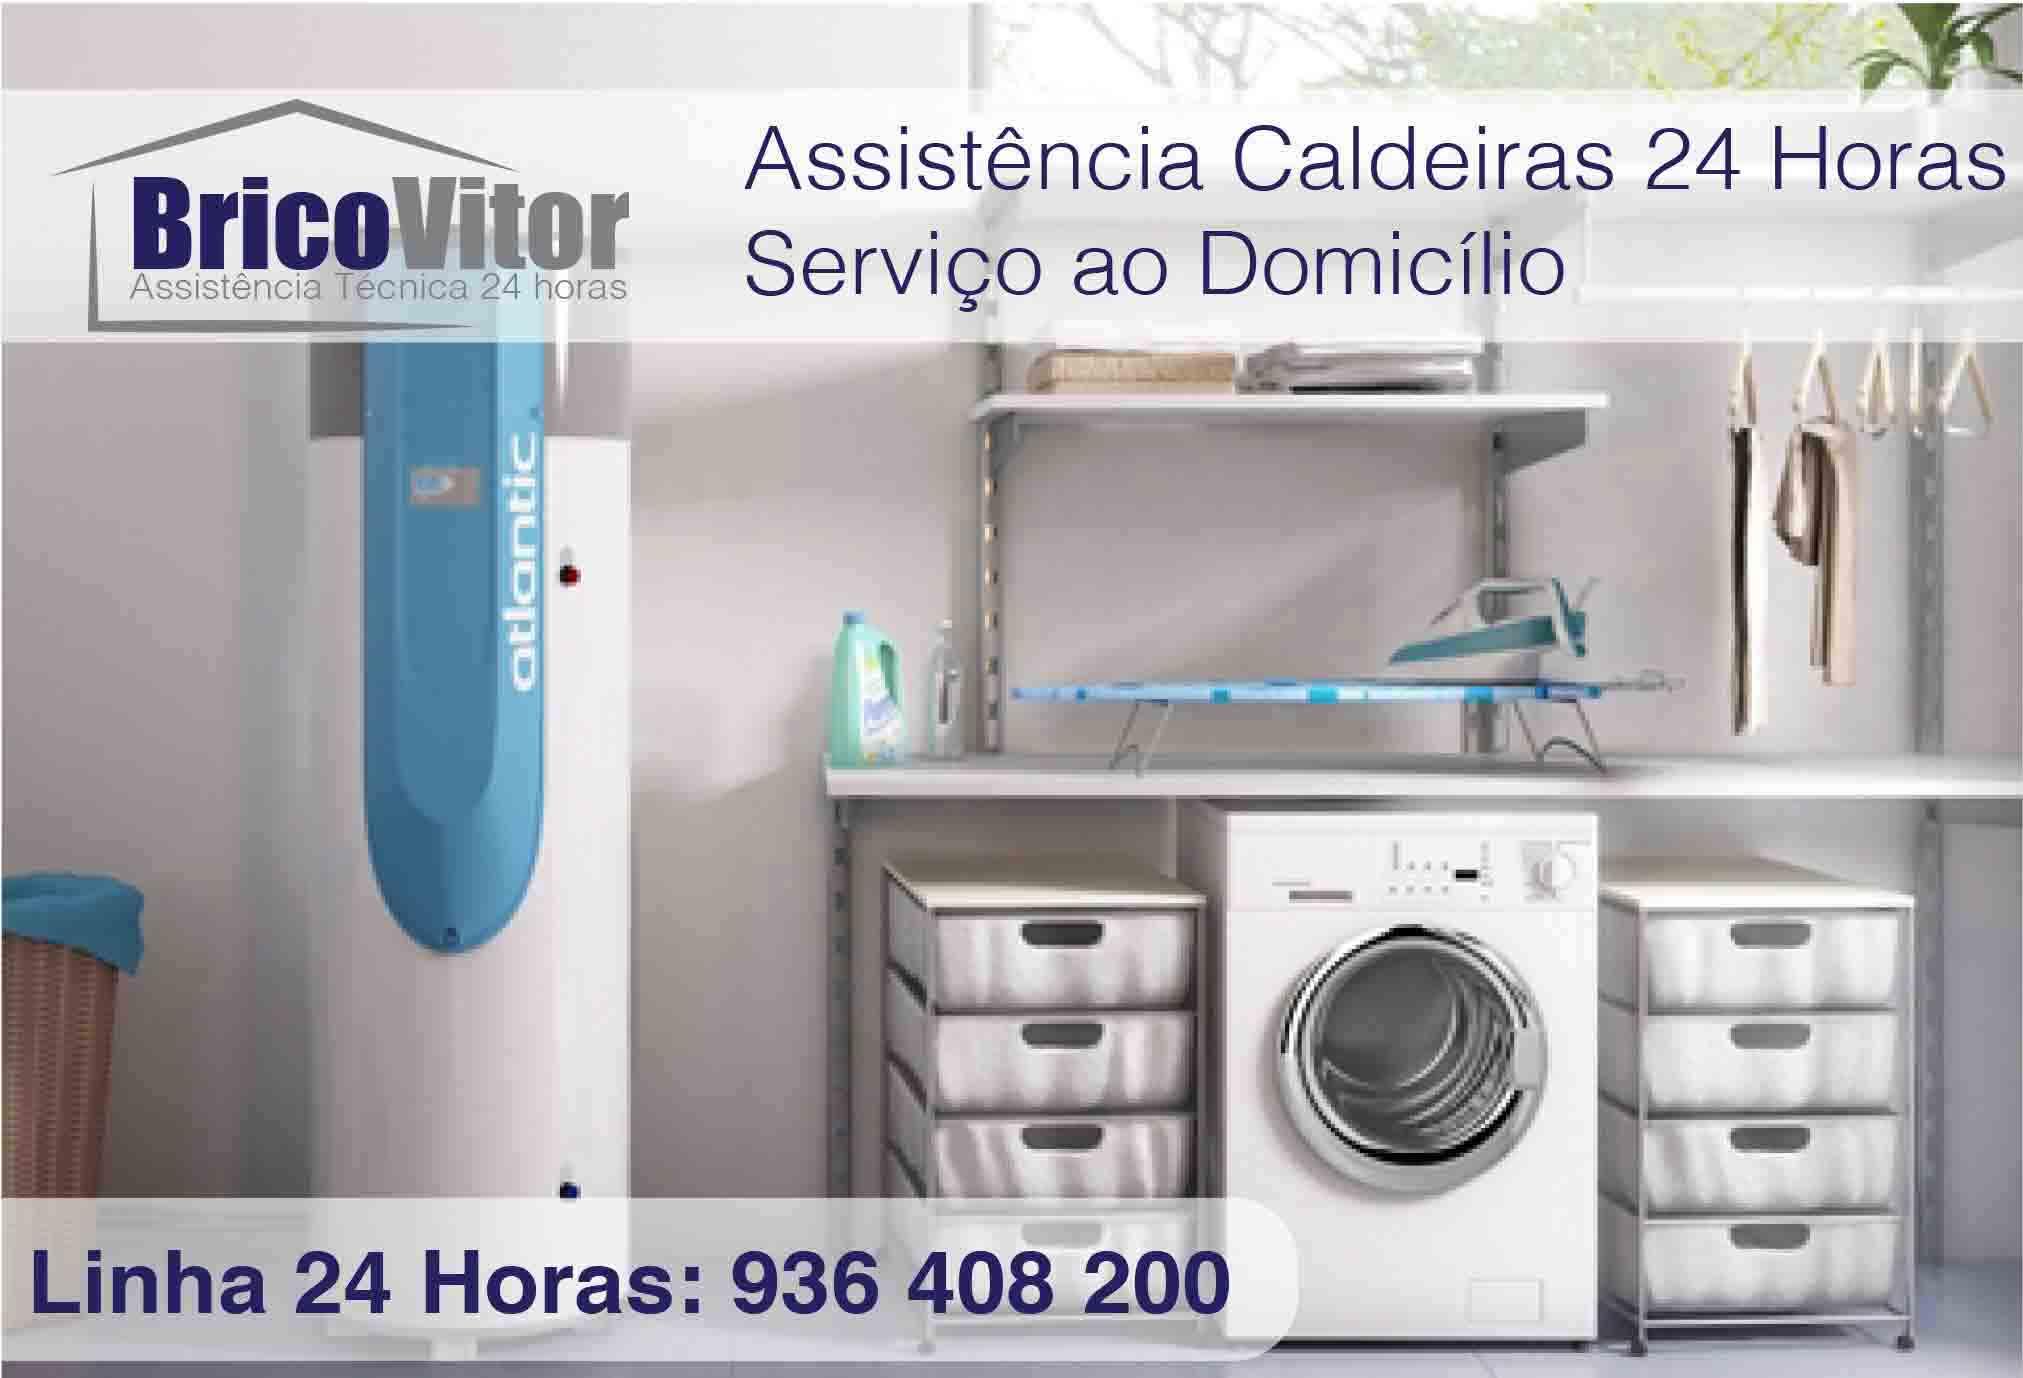 Assistência_Caldeira_Chaffoteaux_24-horas Assistência Caldeira 24 Horas